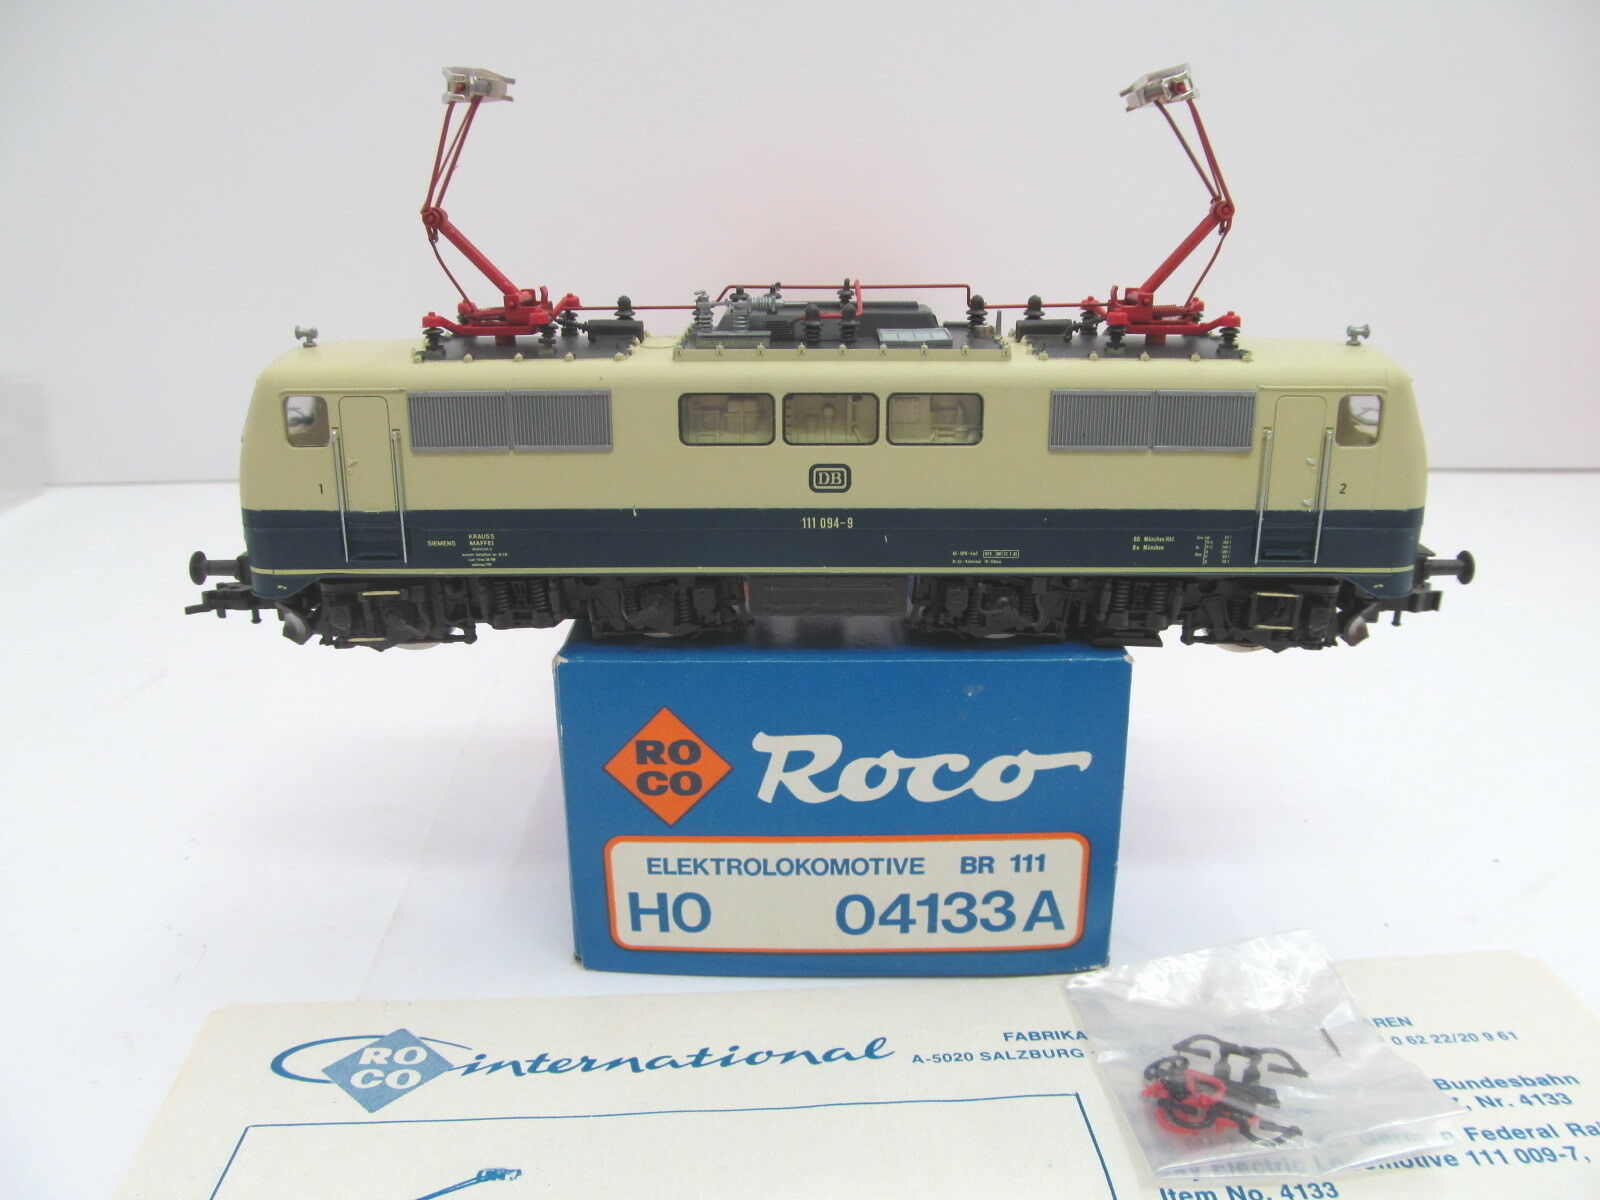 Mes-44198 ROCO 04133 a h0 E-Lok DB 111 094-9 ottime condizioni, esaminato funzione